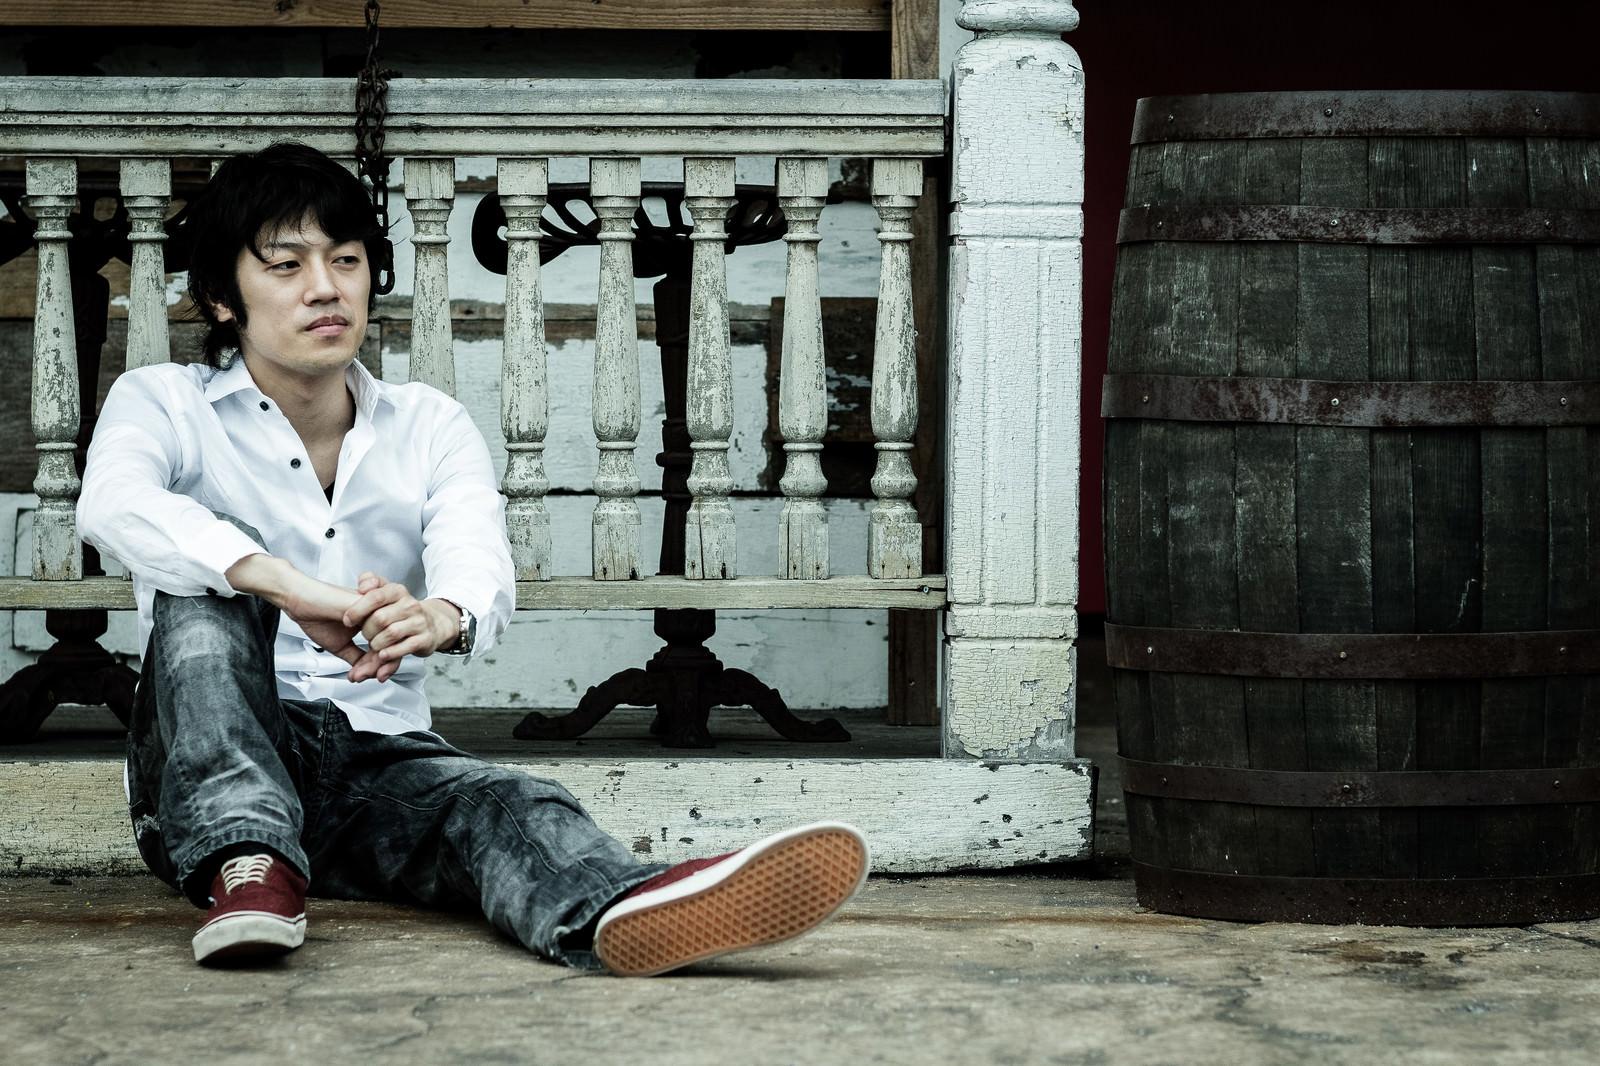 「貴重品を失くして無一文男貴重品を失くして無一文男」[モデル:Tsuyoshi.]のフリー写真素材を拡大